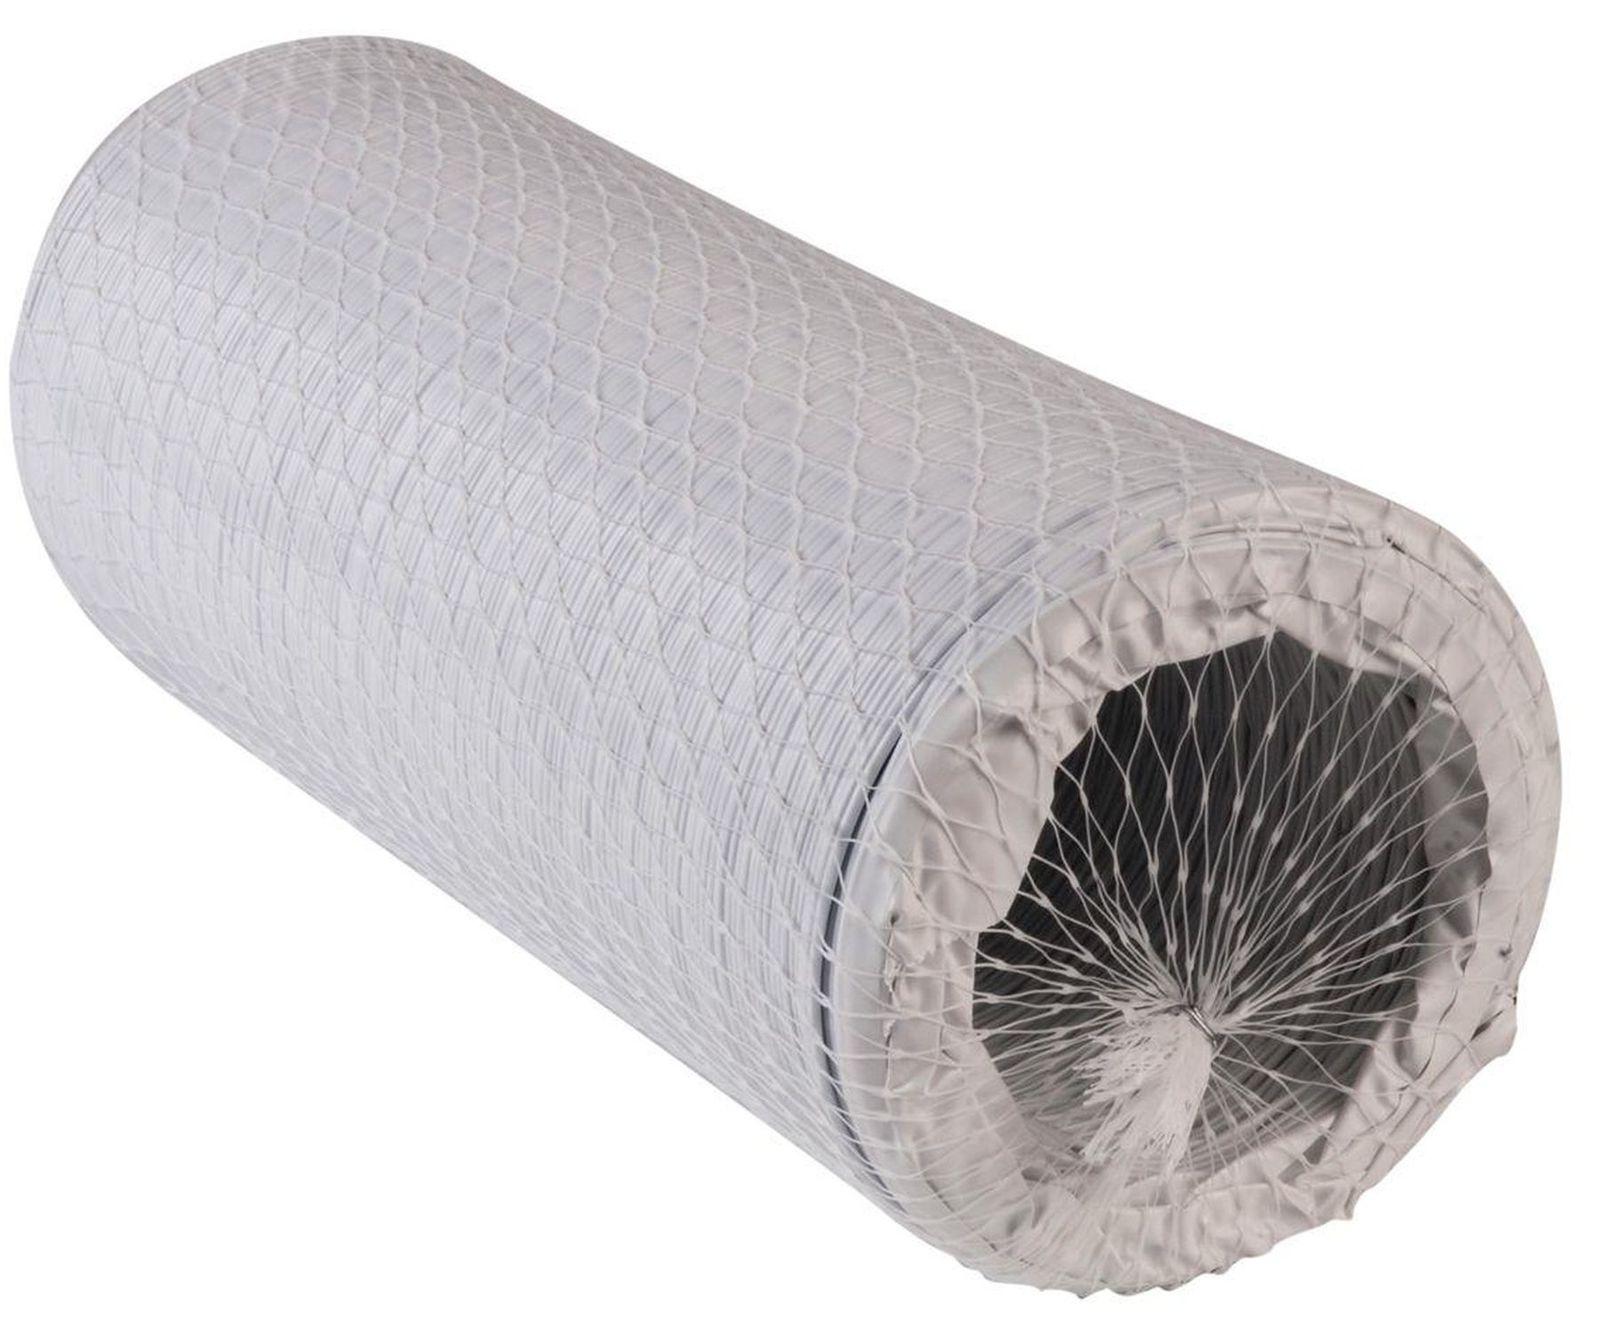 Flex gewebeschlauch 100 cm abluftschlauch Ø 127 mm klimaanlage